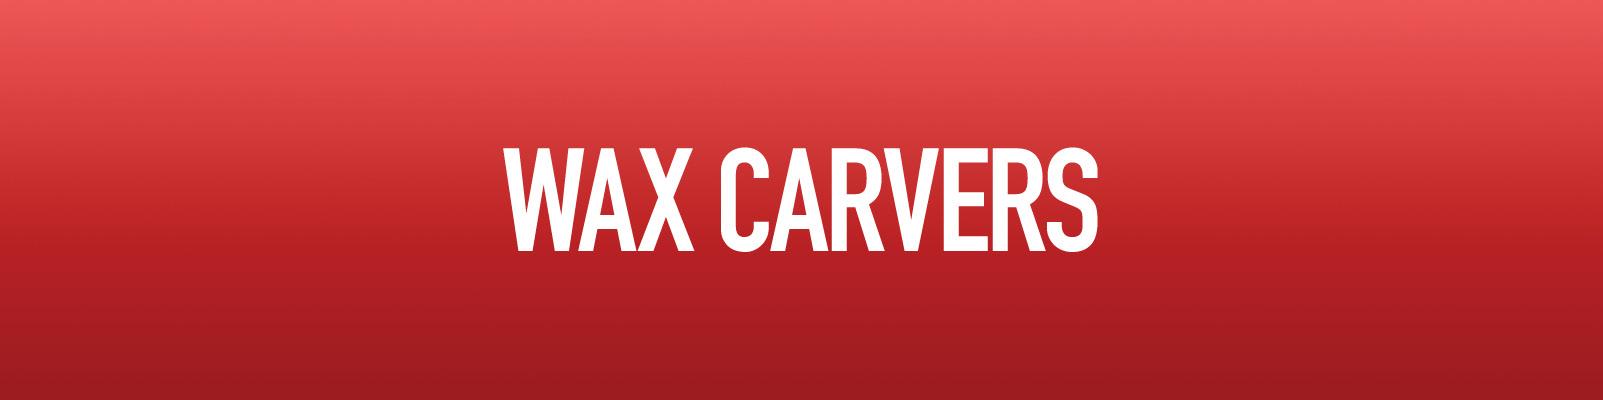 Wax Carvers